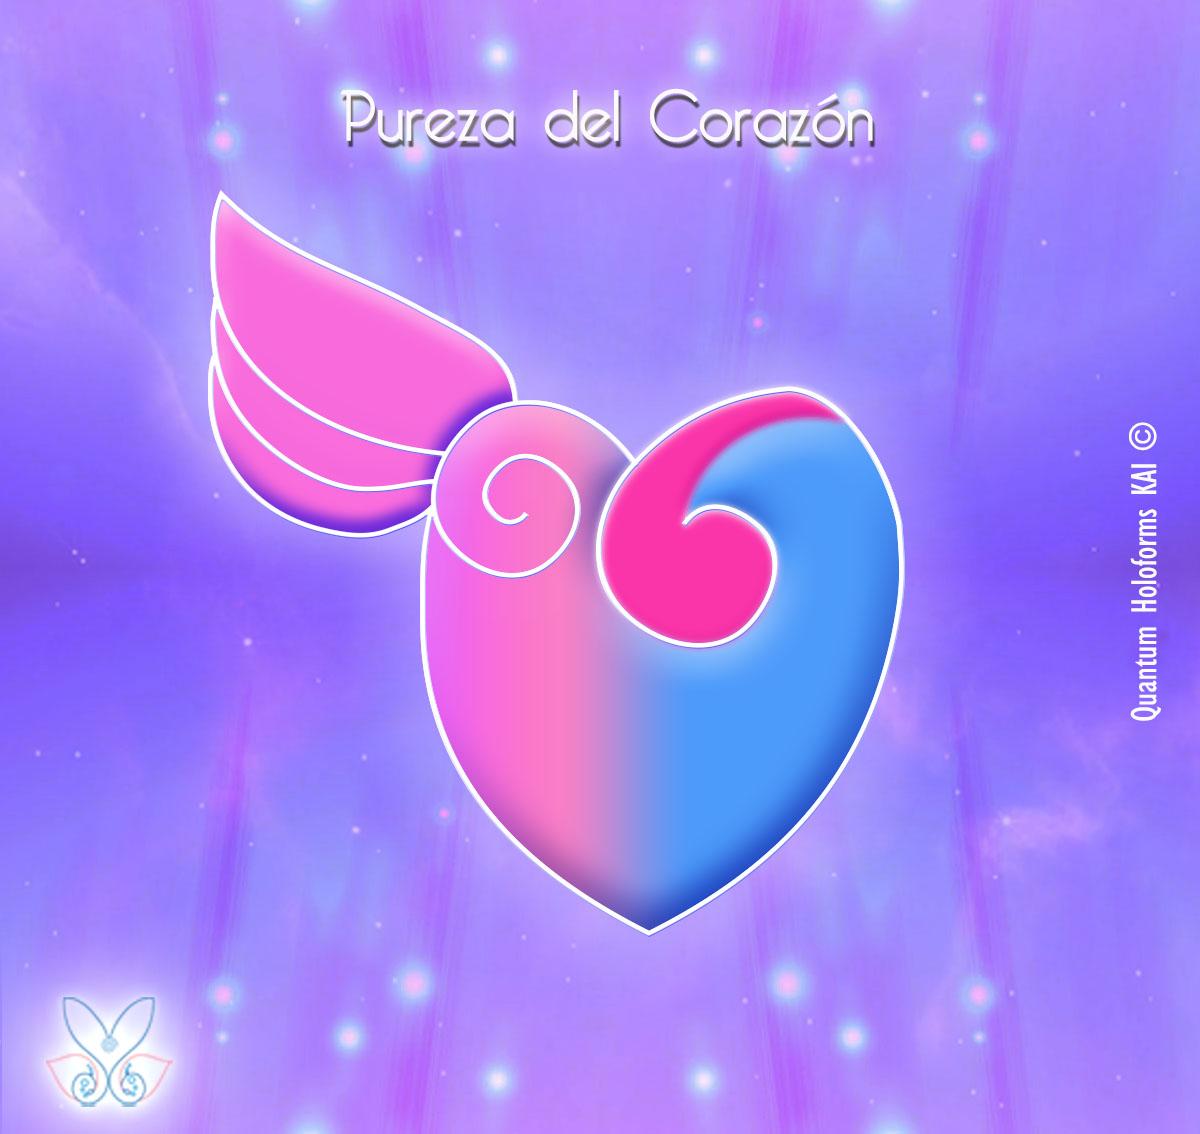 Pureza del Corazón , Códigos Antares, unicornios y pegasos